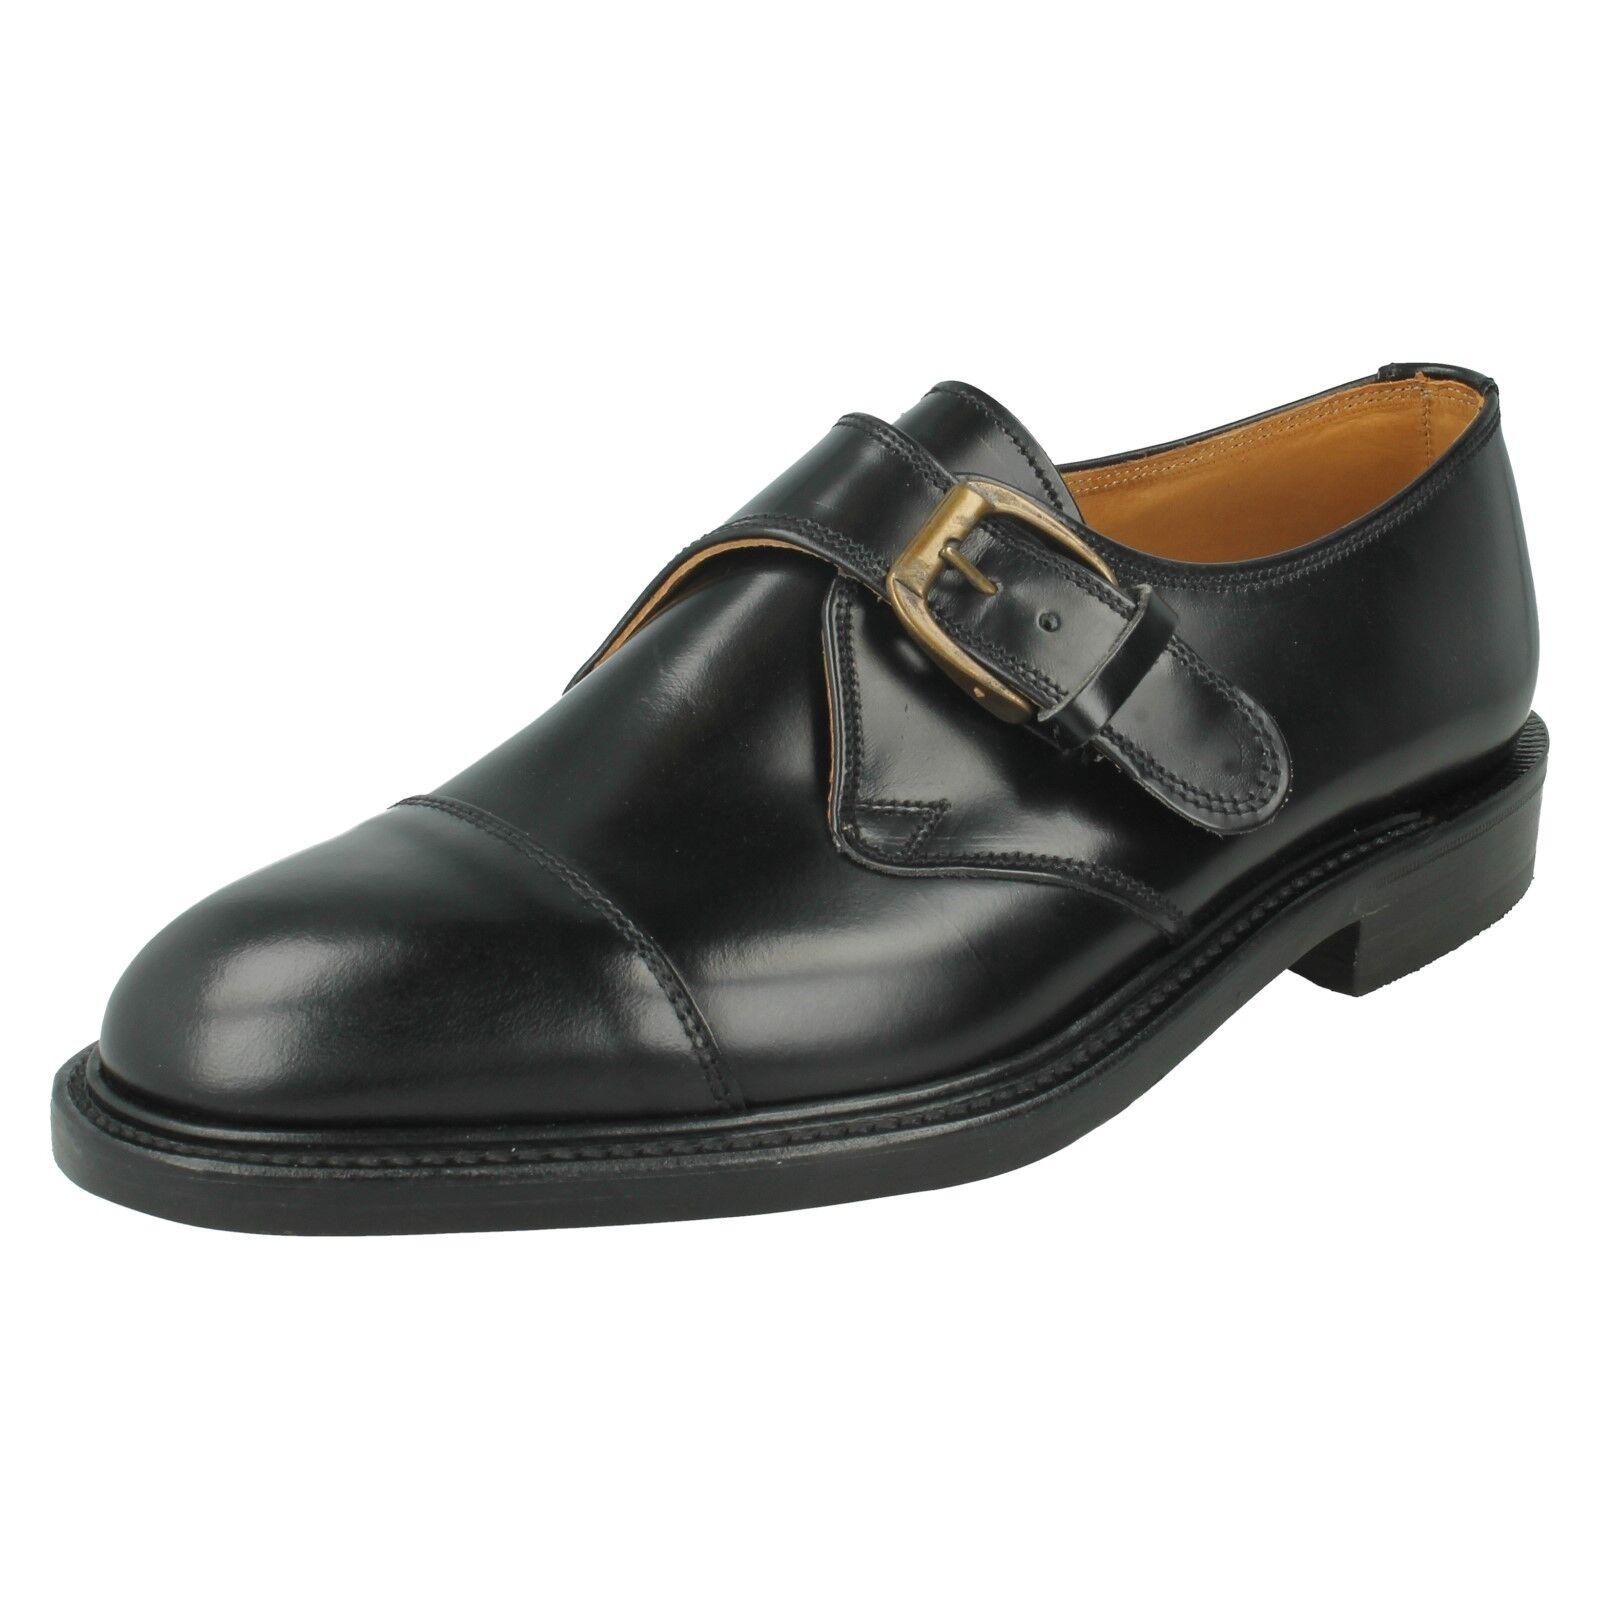 Loake Herren Leder Schnalle Klassisch Smart Formaler Mönch-gurt Slip On Schuhe   | Marke